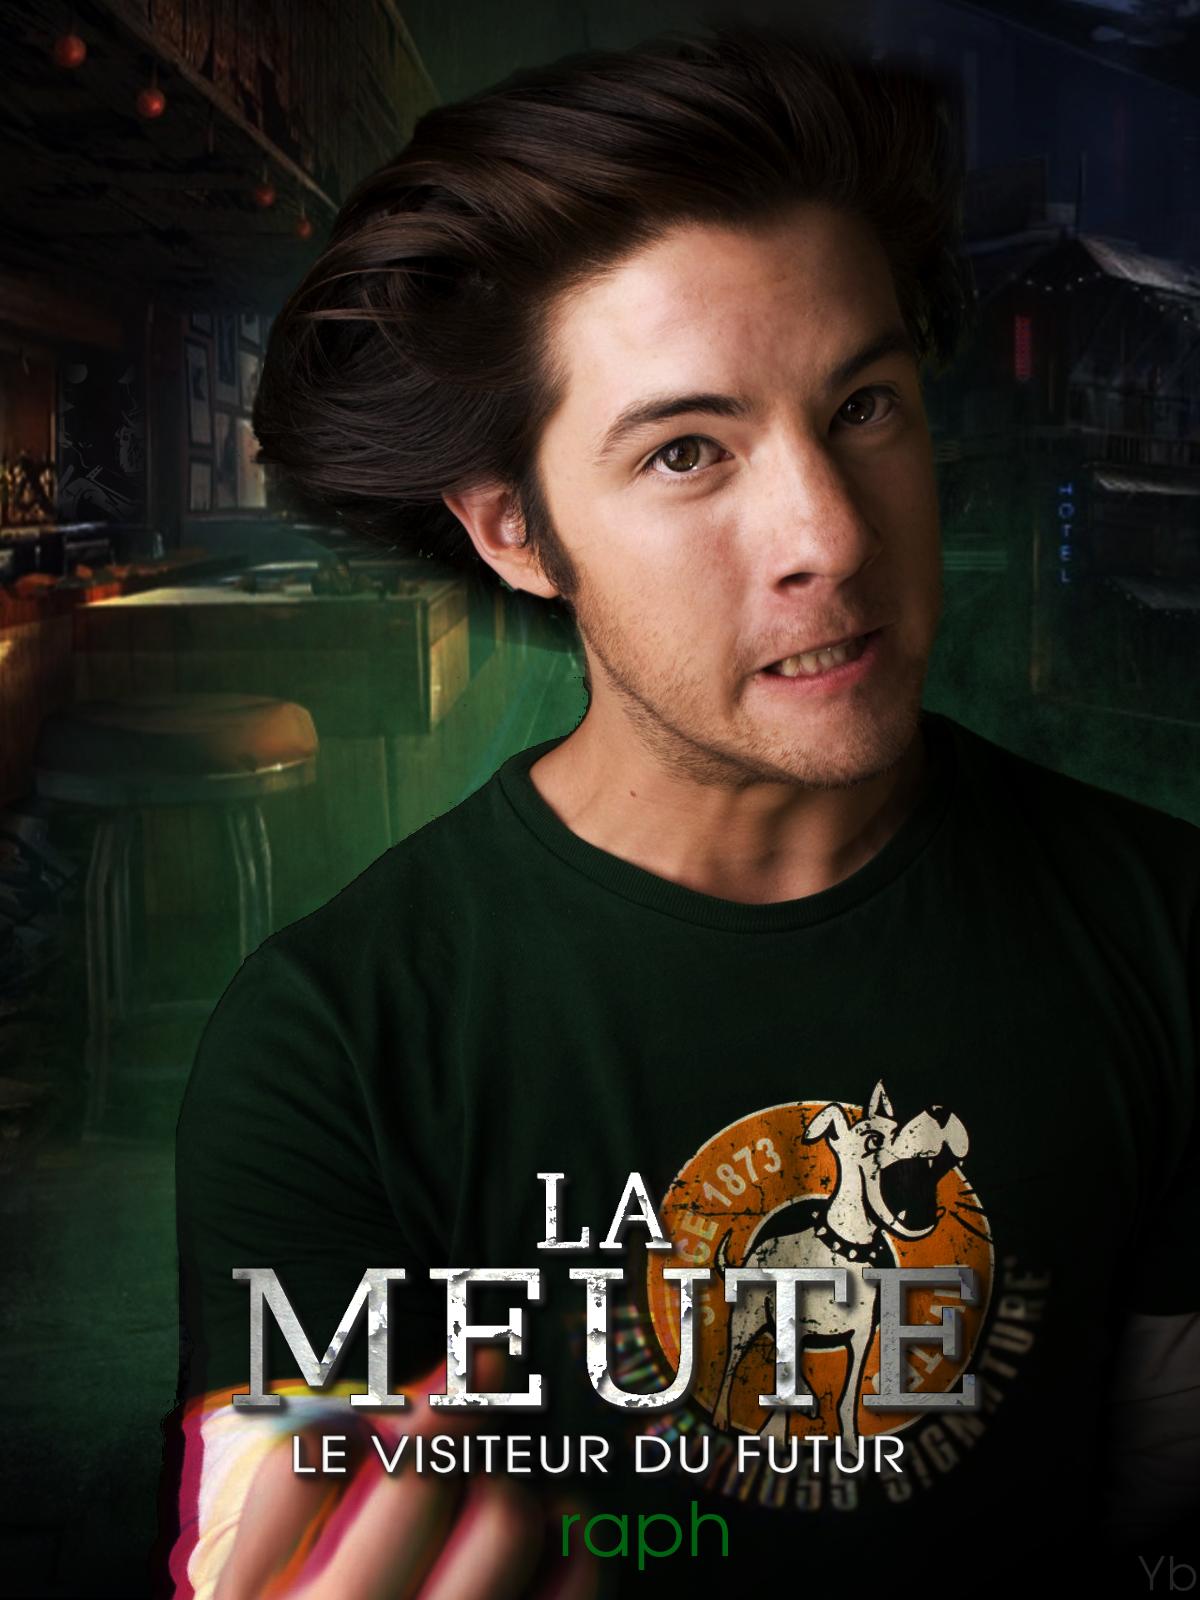 La Gazette de Néo-Versailles : Concours de Fan-art La Meute  (N°9 - Février 2015) 06_raph2